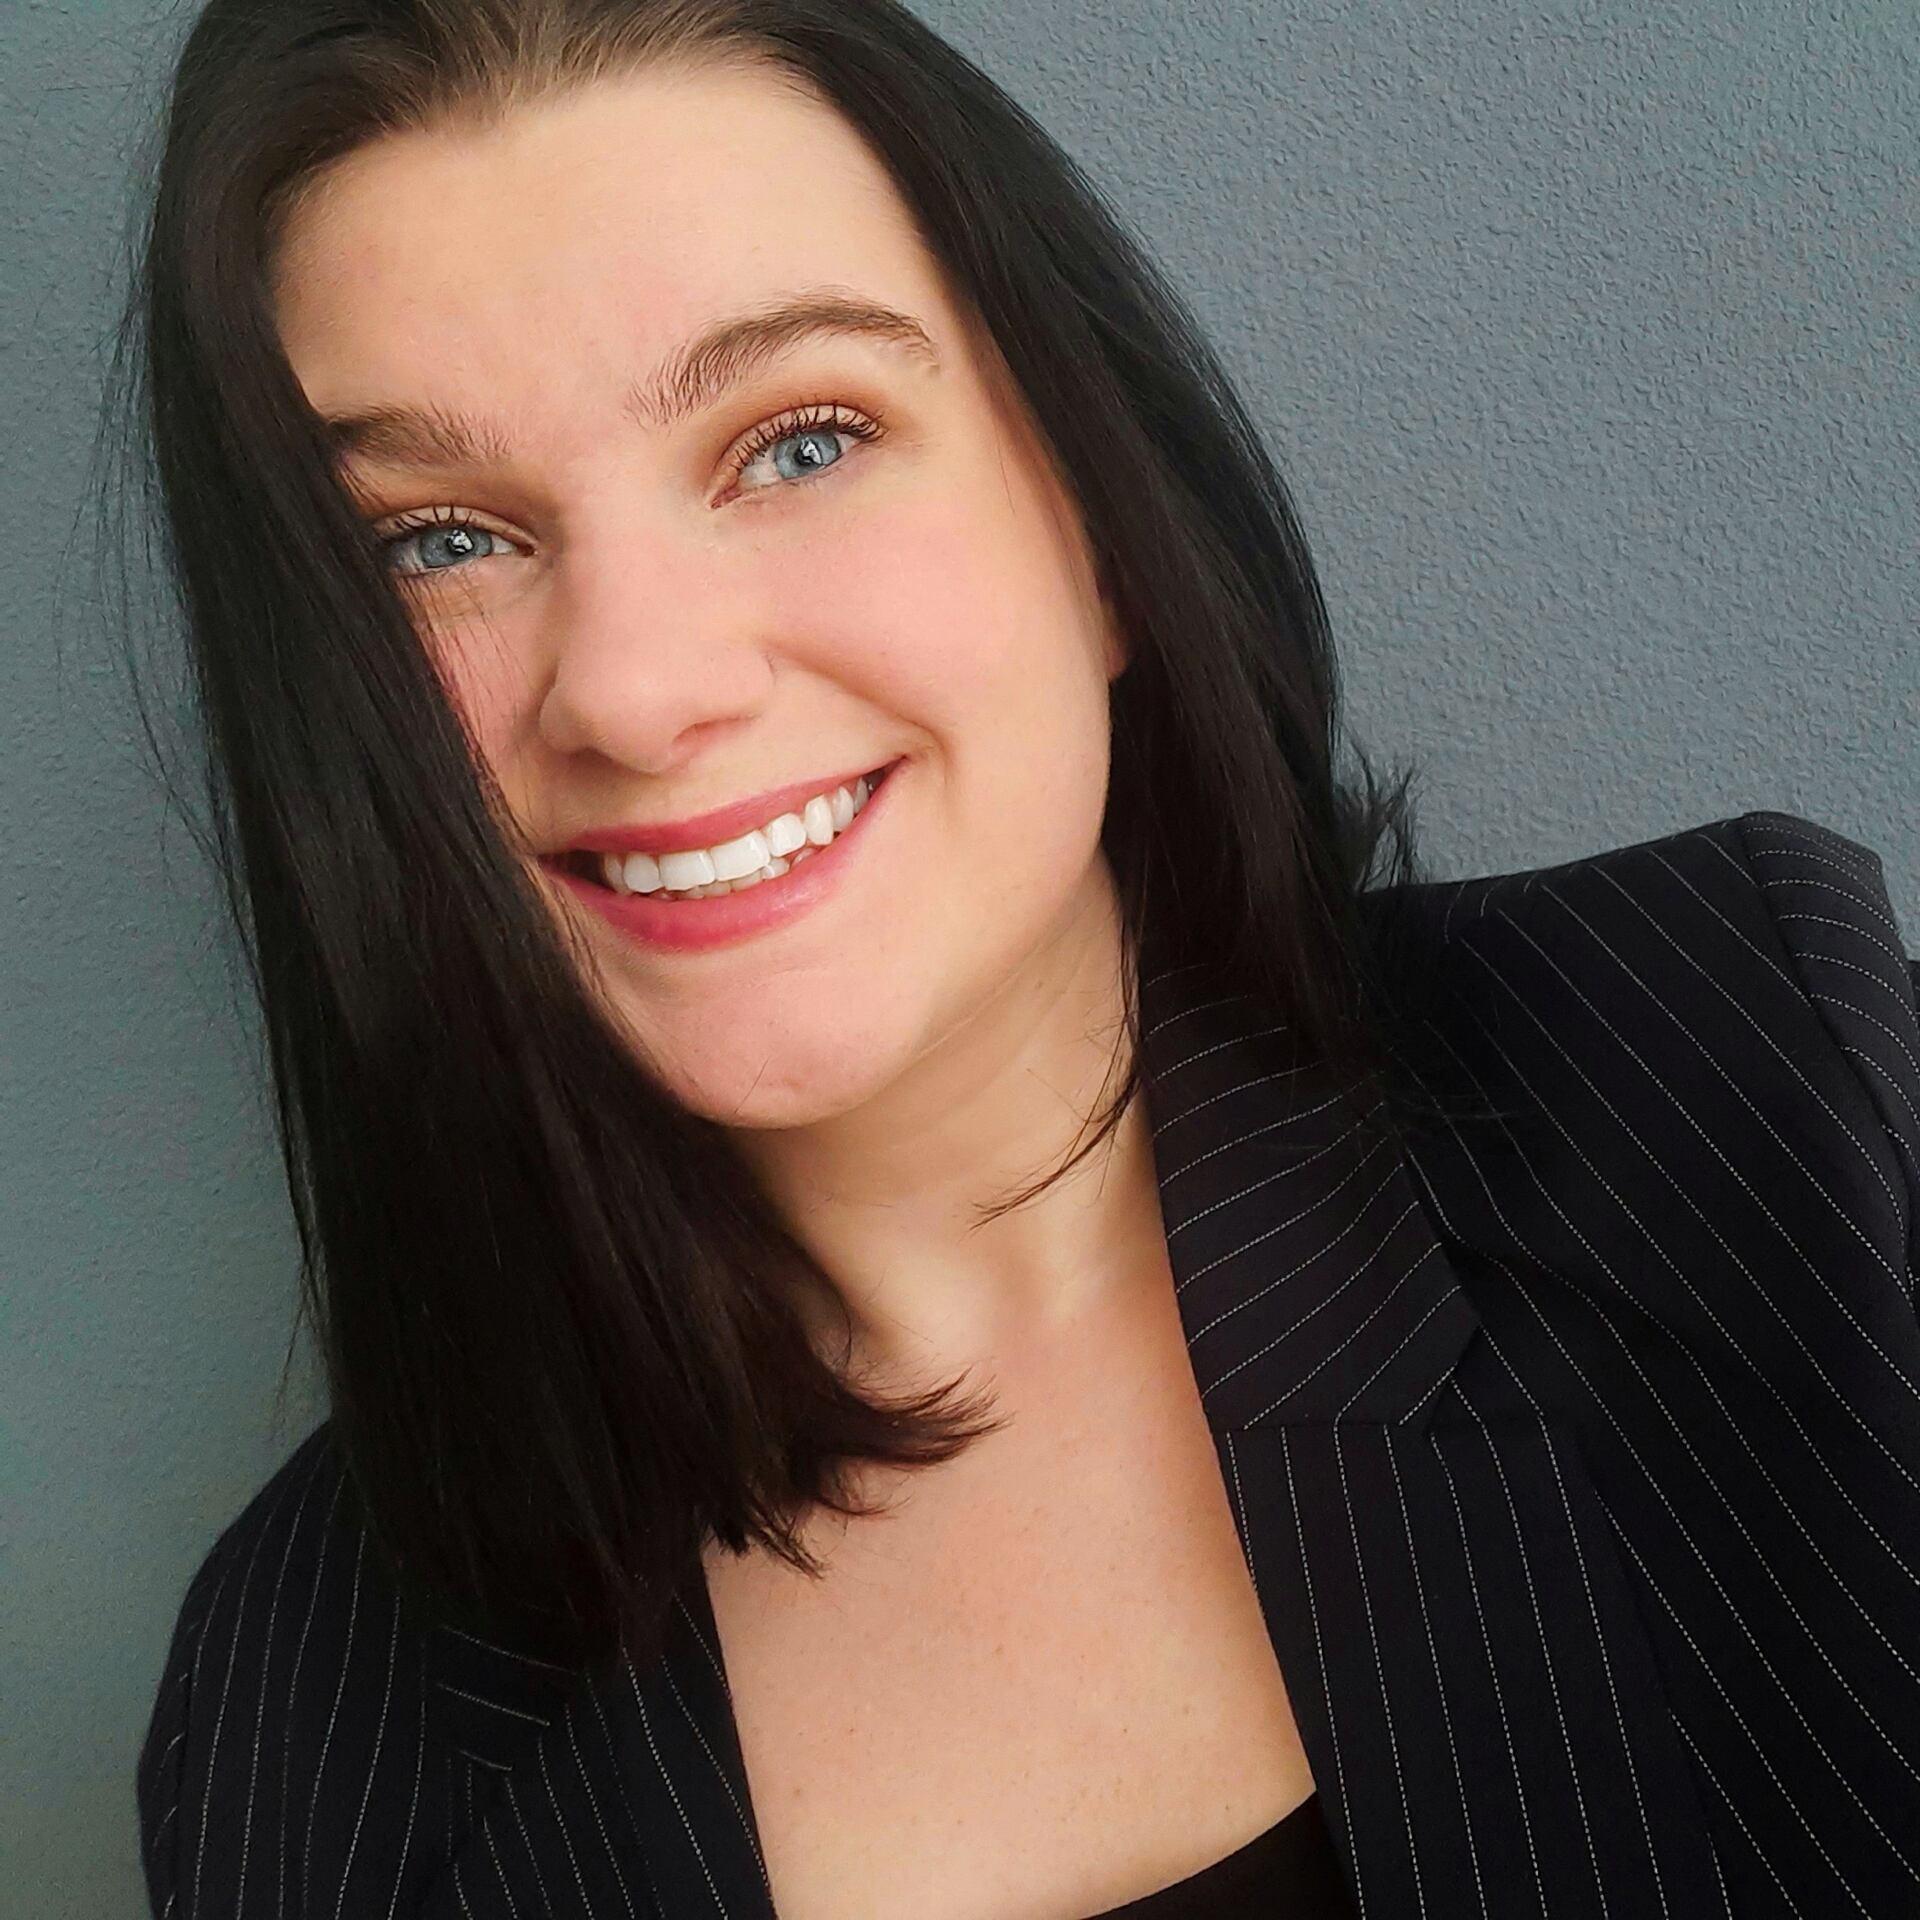 Jessie Meij